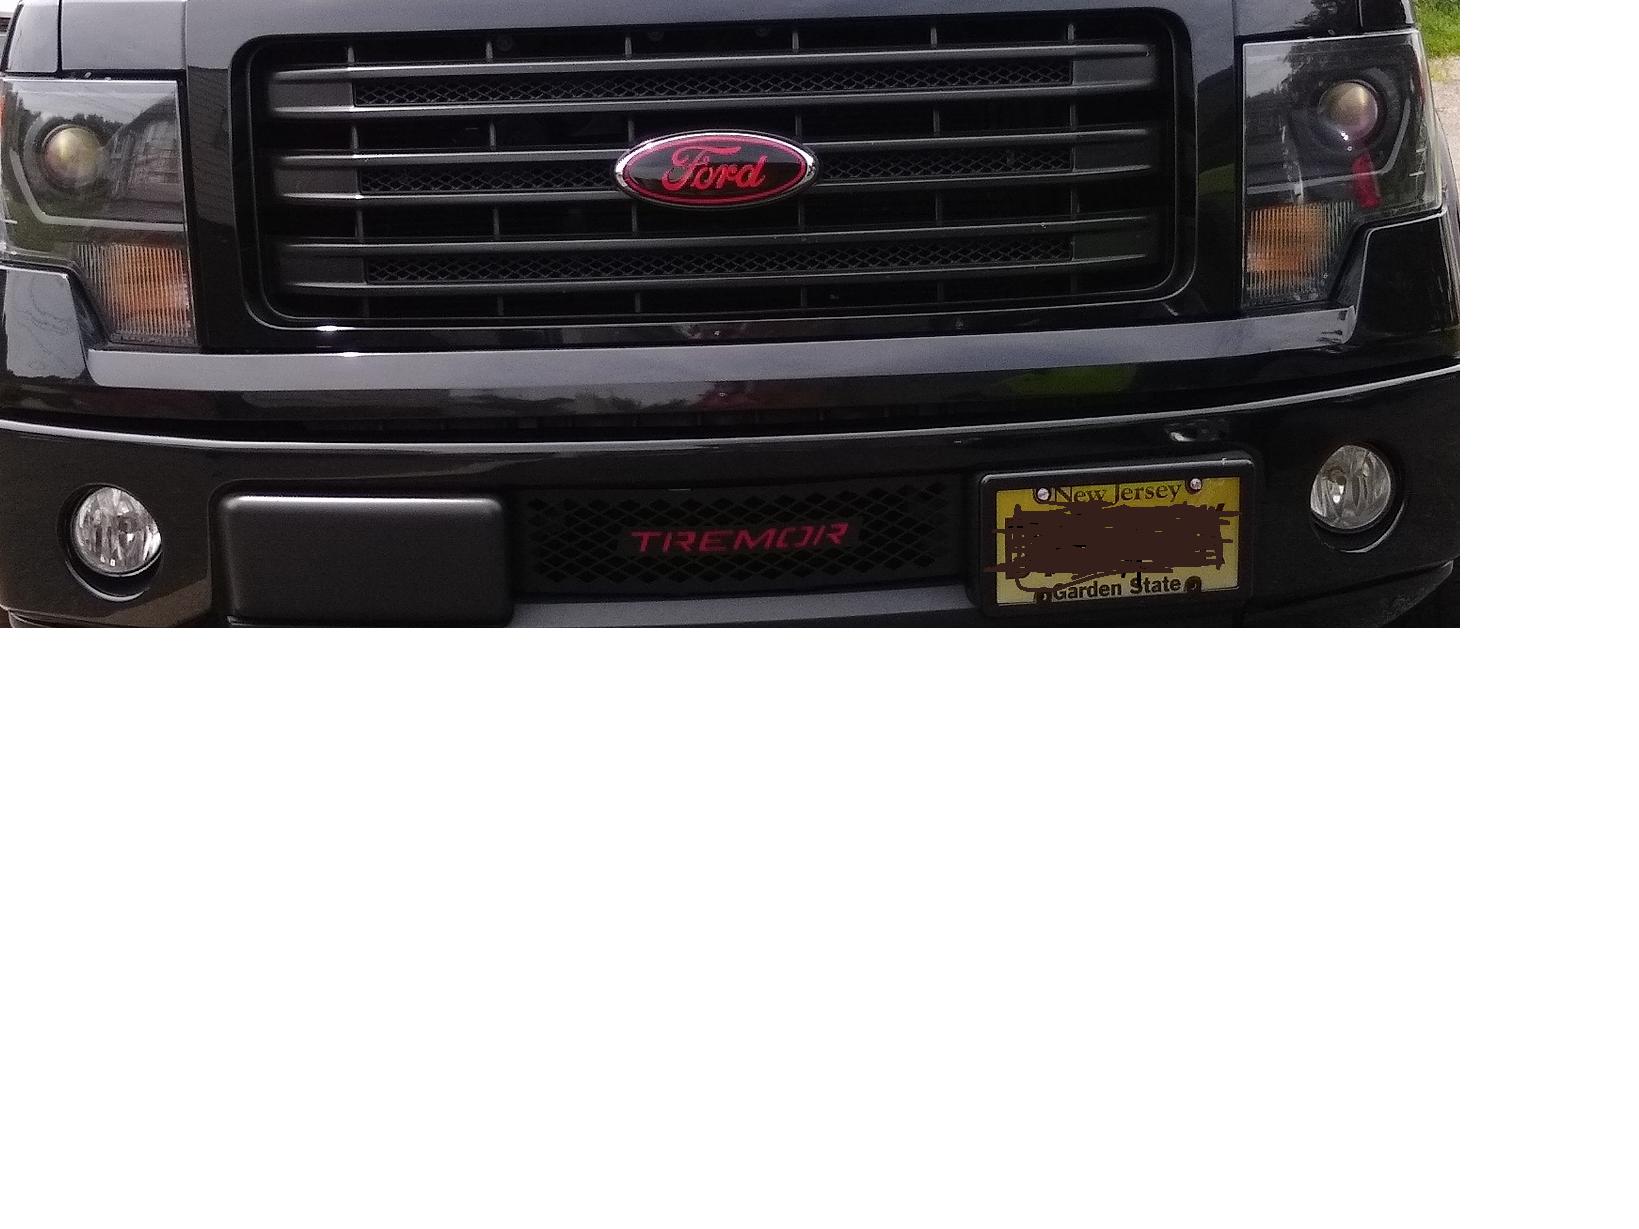 FORD MUSTANG 2010-2014 3.7L PERFORMANCE Hood VINYL DECALS Emblem FITS